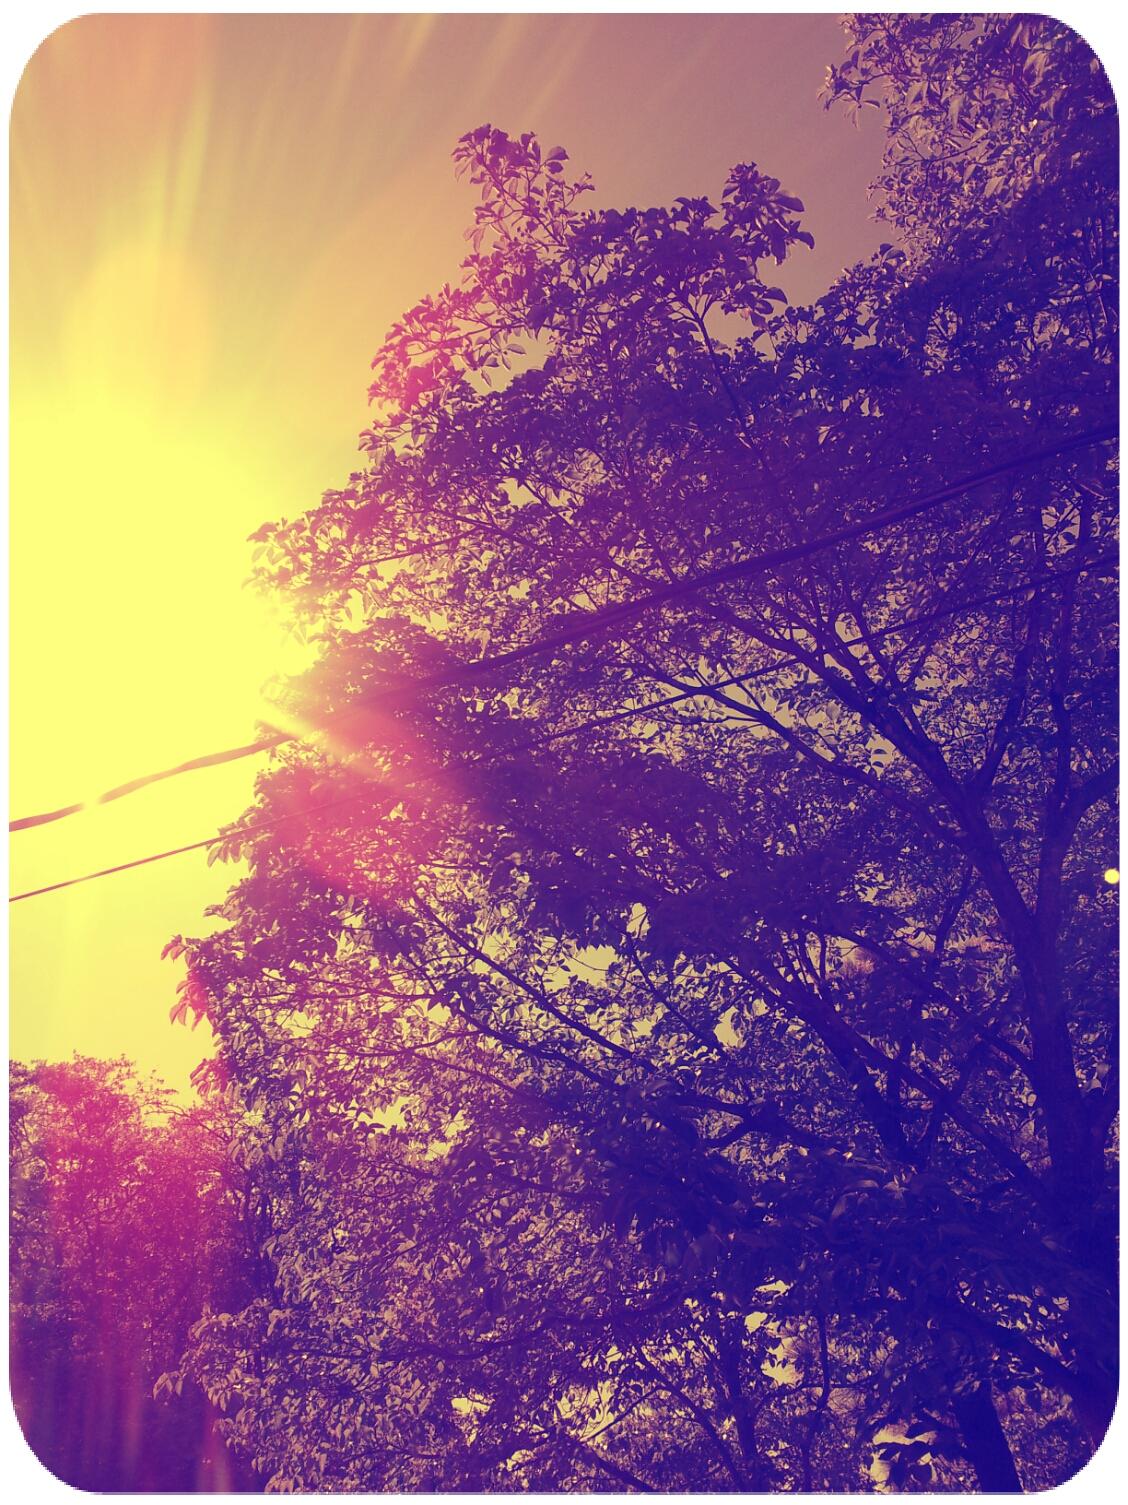 2012-04-11 16.21.41_Amber_Round.jpg